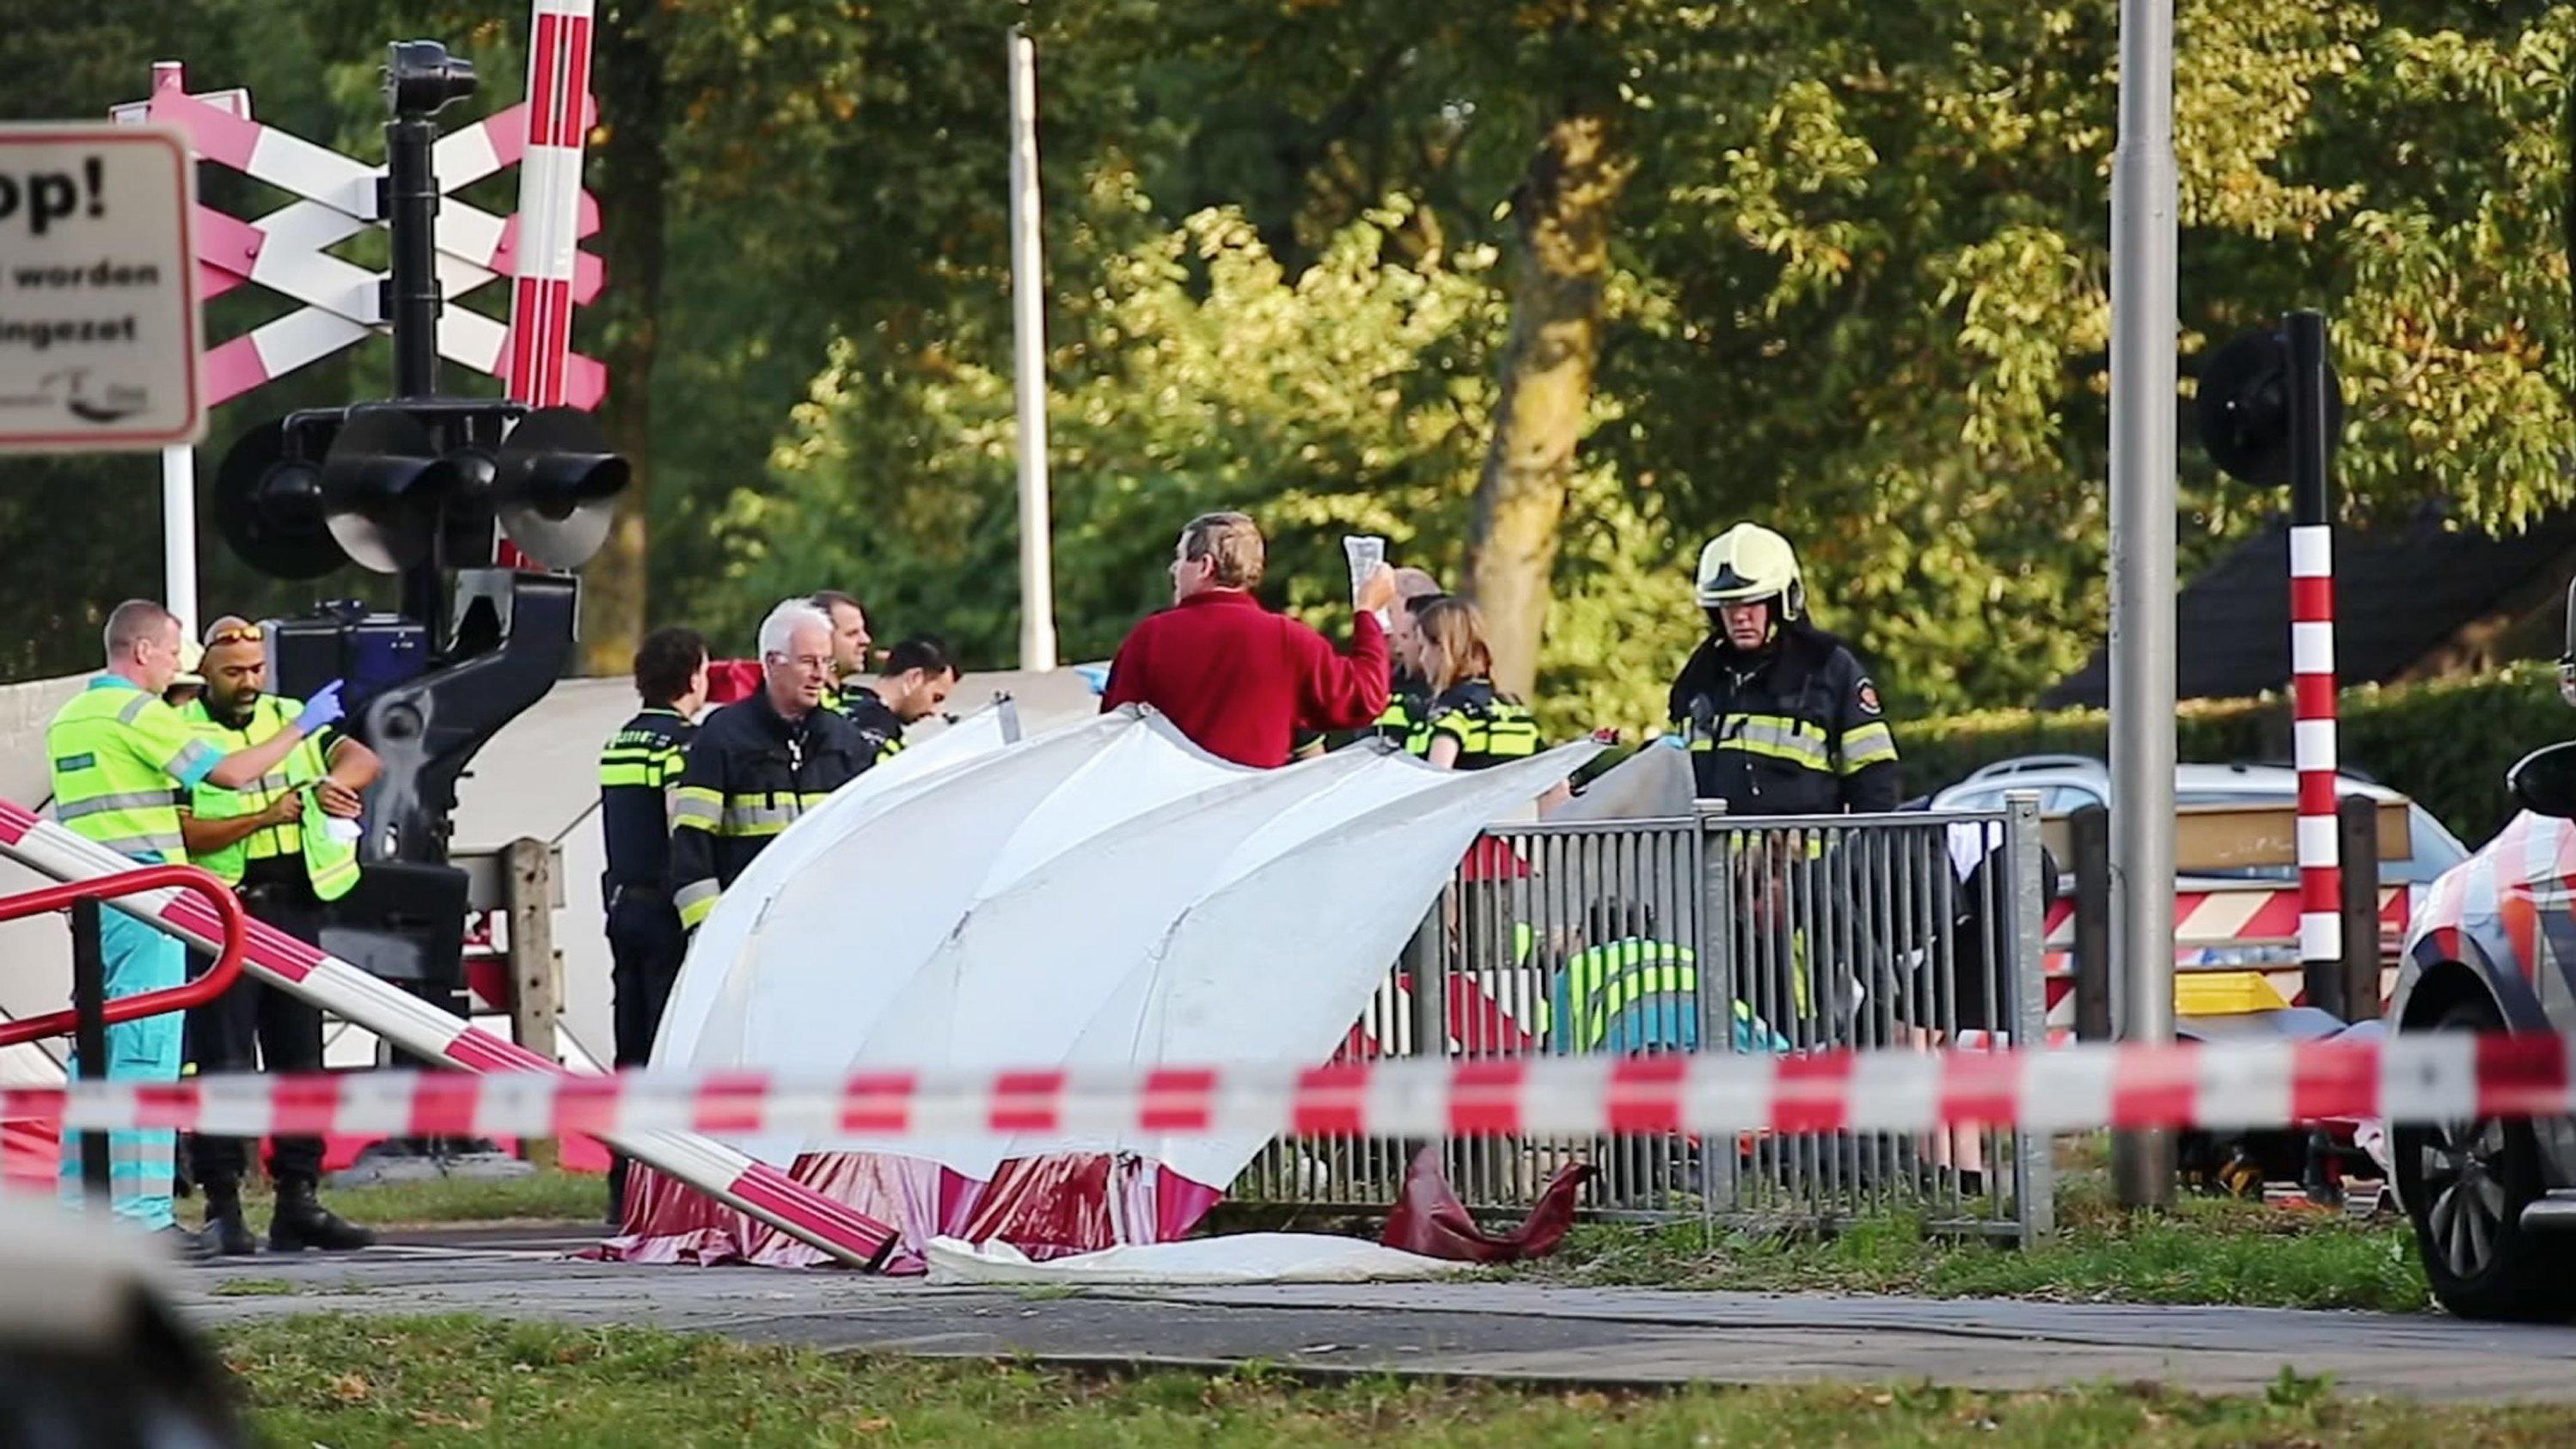 Niederlande: Lastenrad von Zug erfasst - vier Kinder sterben